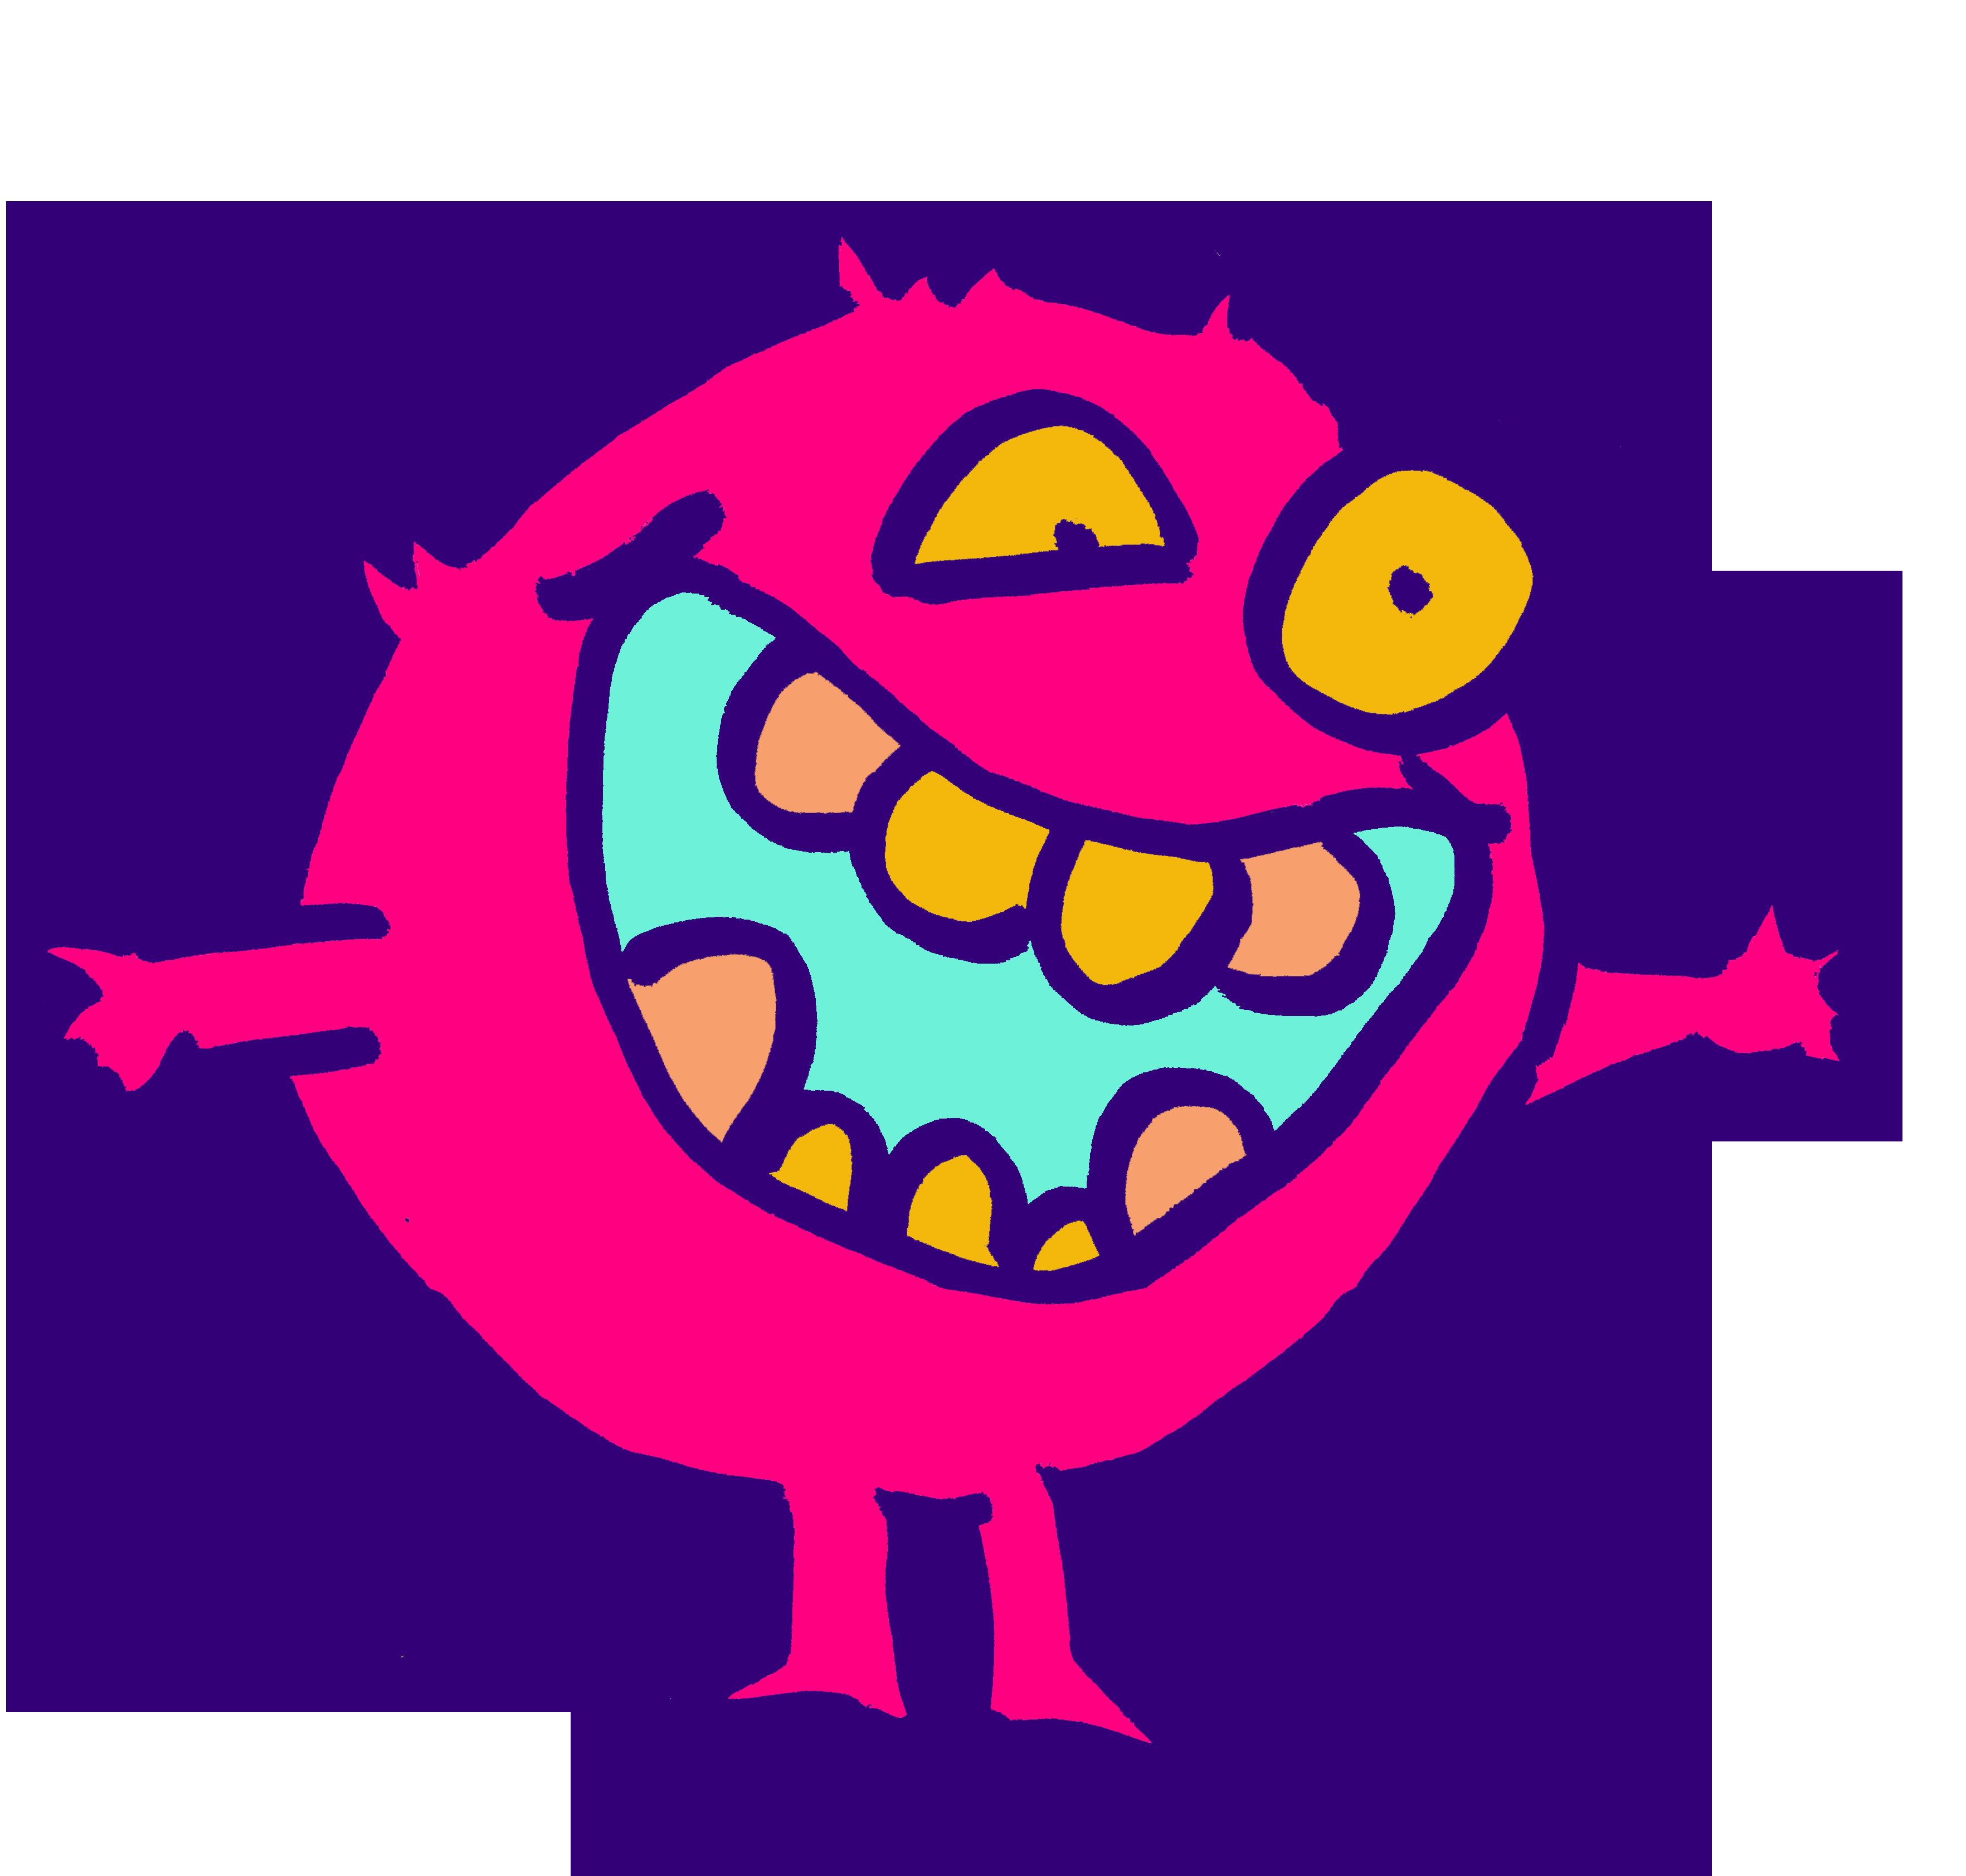 Hugmonster